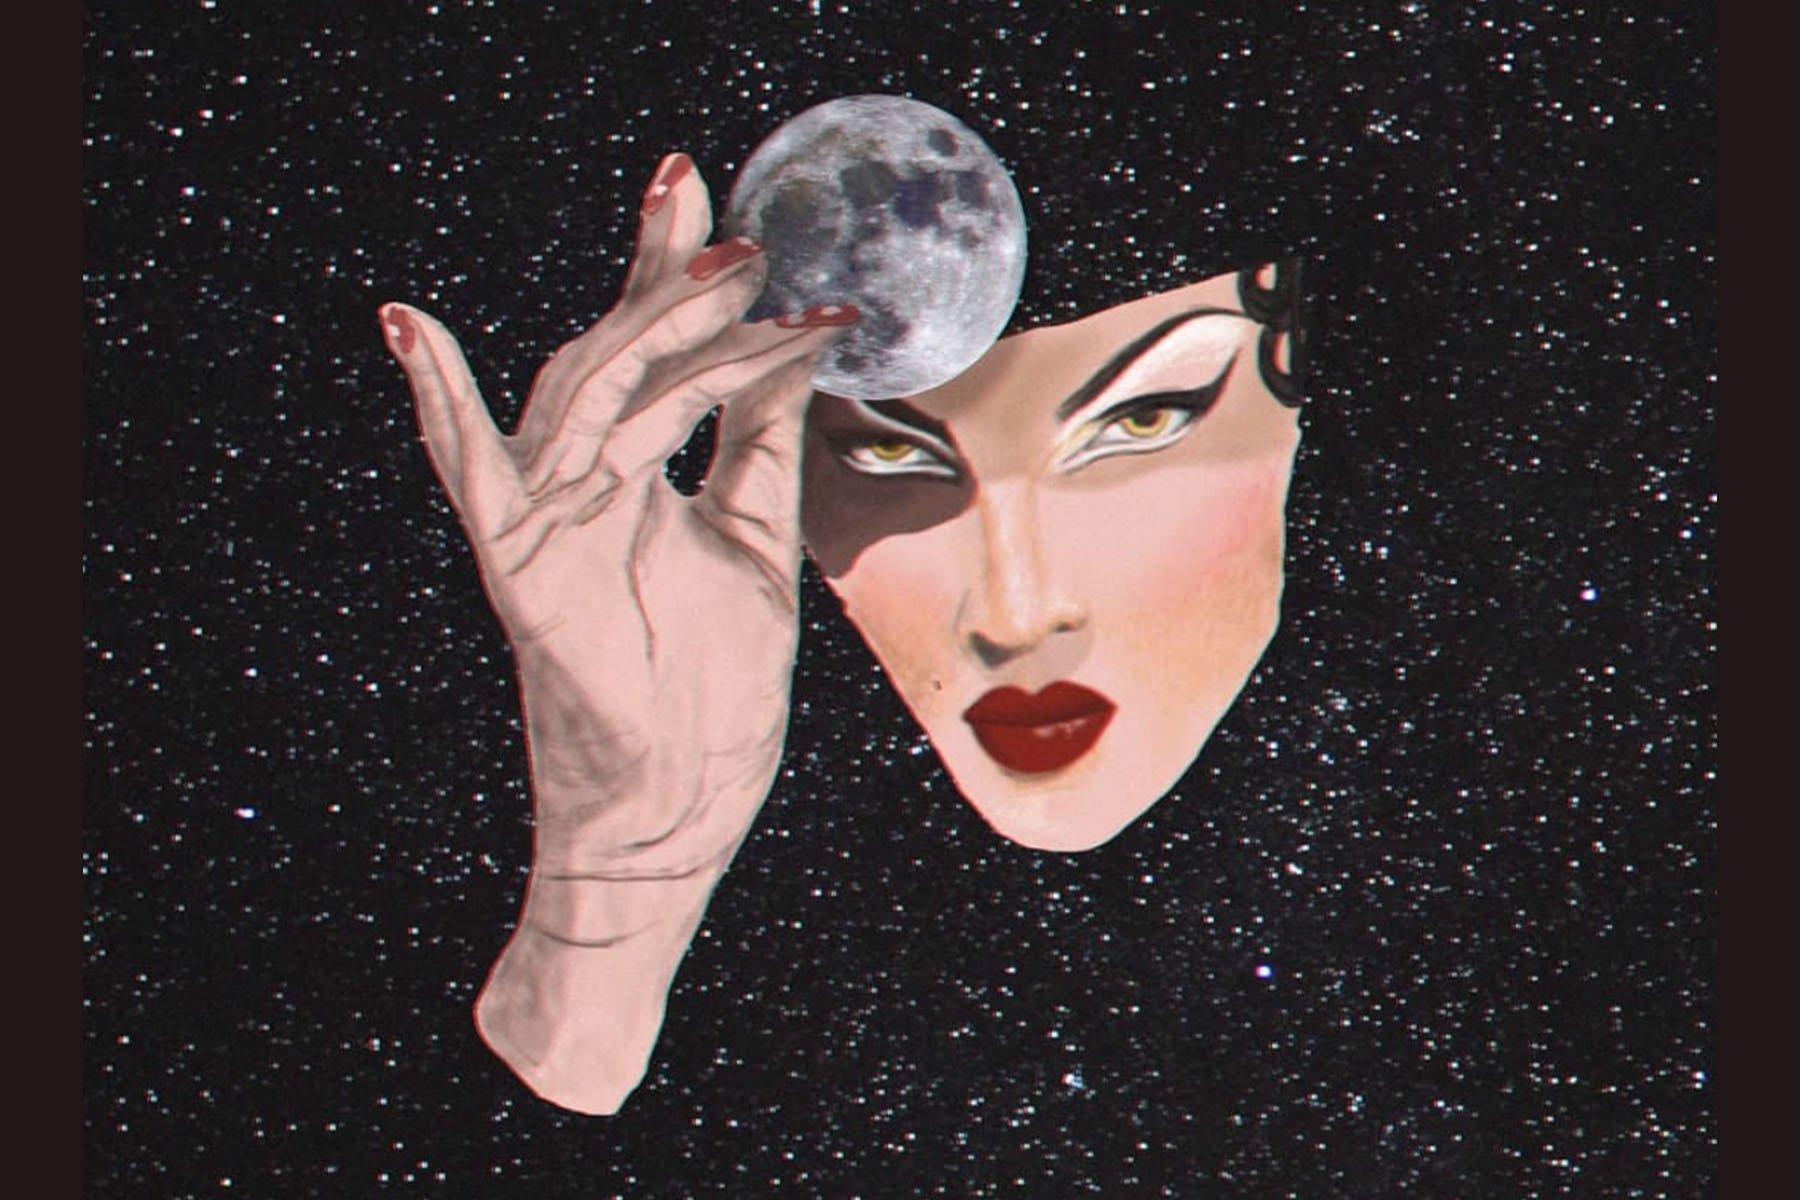 May 2020 Full Moon Scorpio Horoscopes